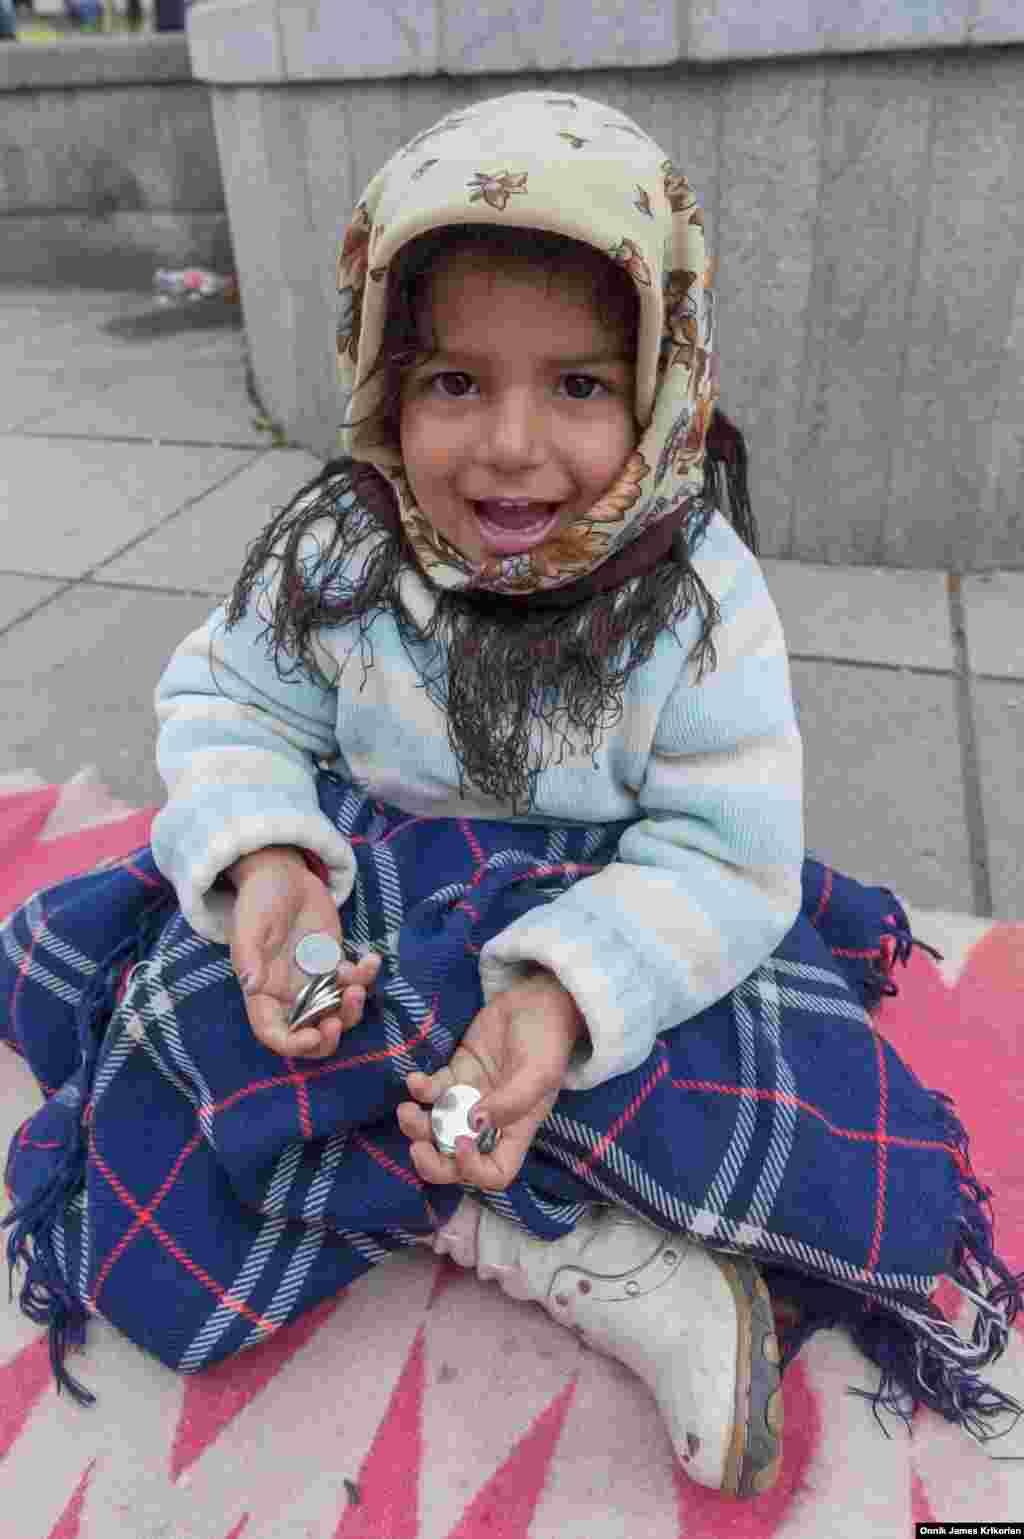 ЮНІСЕФ розділяє безпритульних на три категорії: діти, що втекли зі своїх сімей; діти, які живуть на вулиці разом з сім'єю; і ті, які проводять більшу частину свого часу на вулицях за жебракуванням. У Грузії, як і всюди в світі, зустрічаються всі три категорії, але найчисленніша – третя